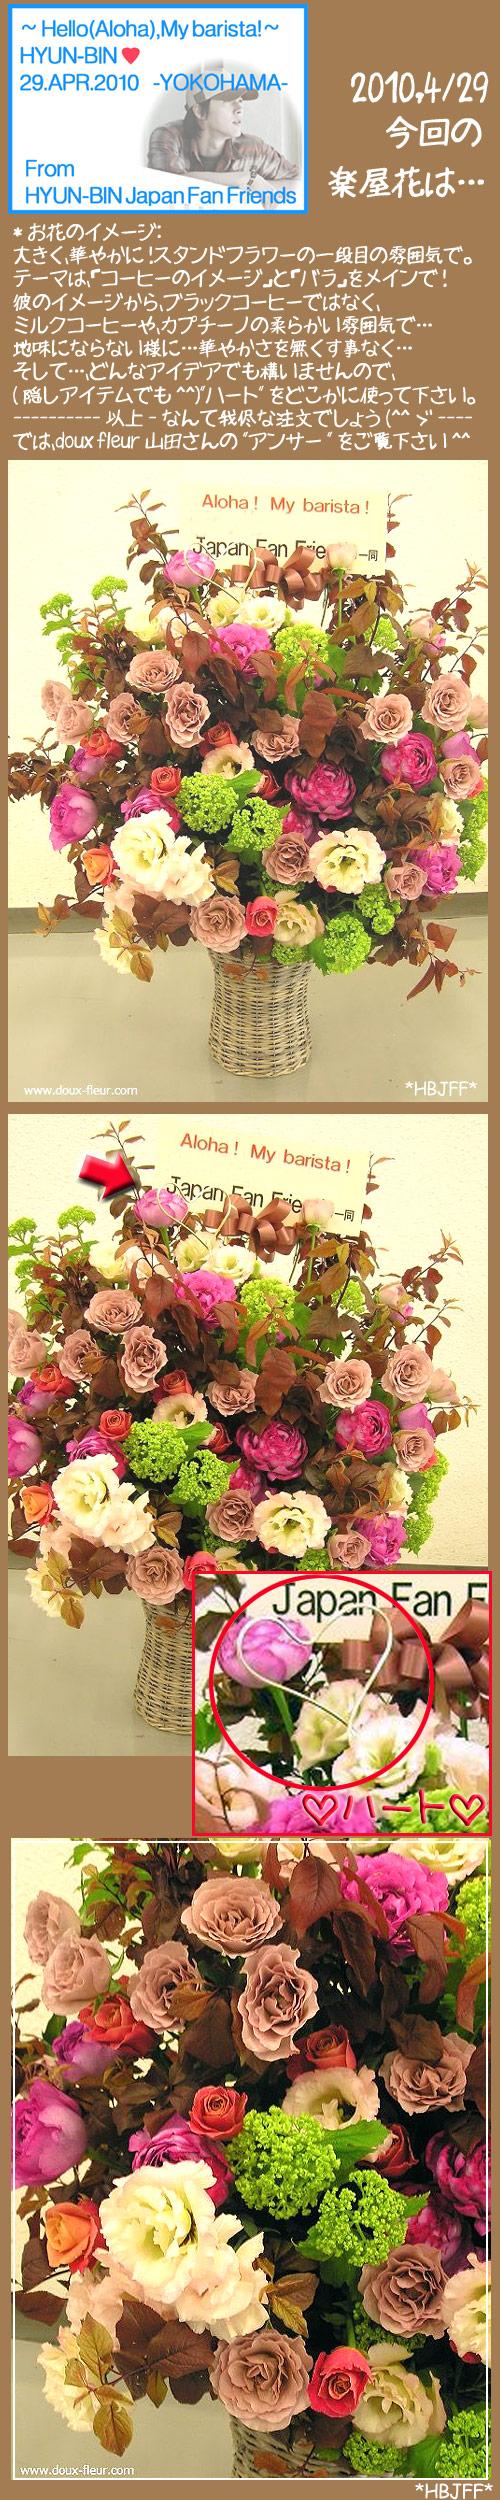 20100429楽屋花